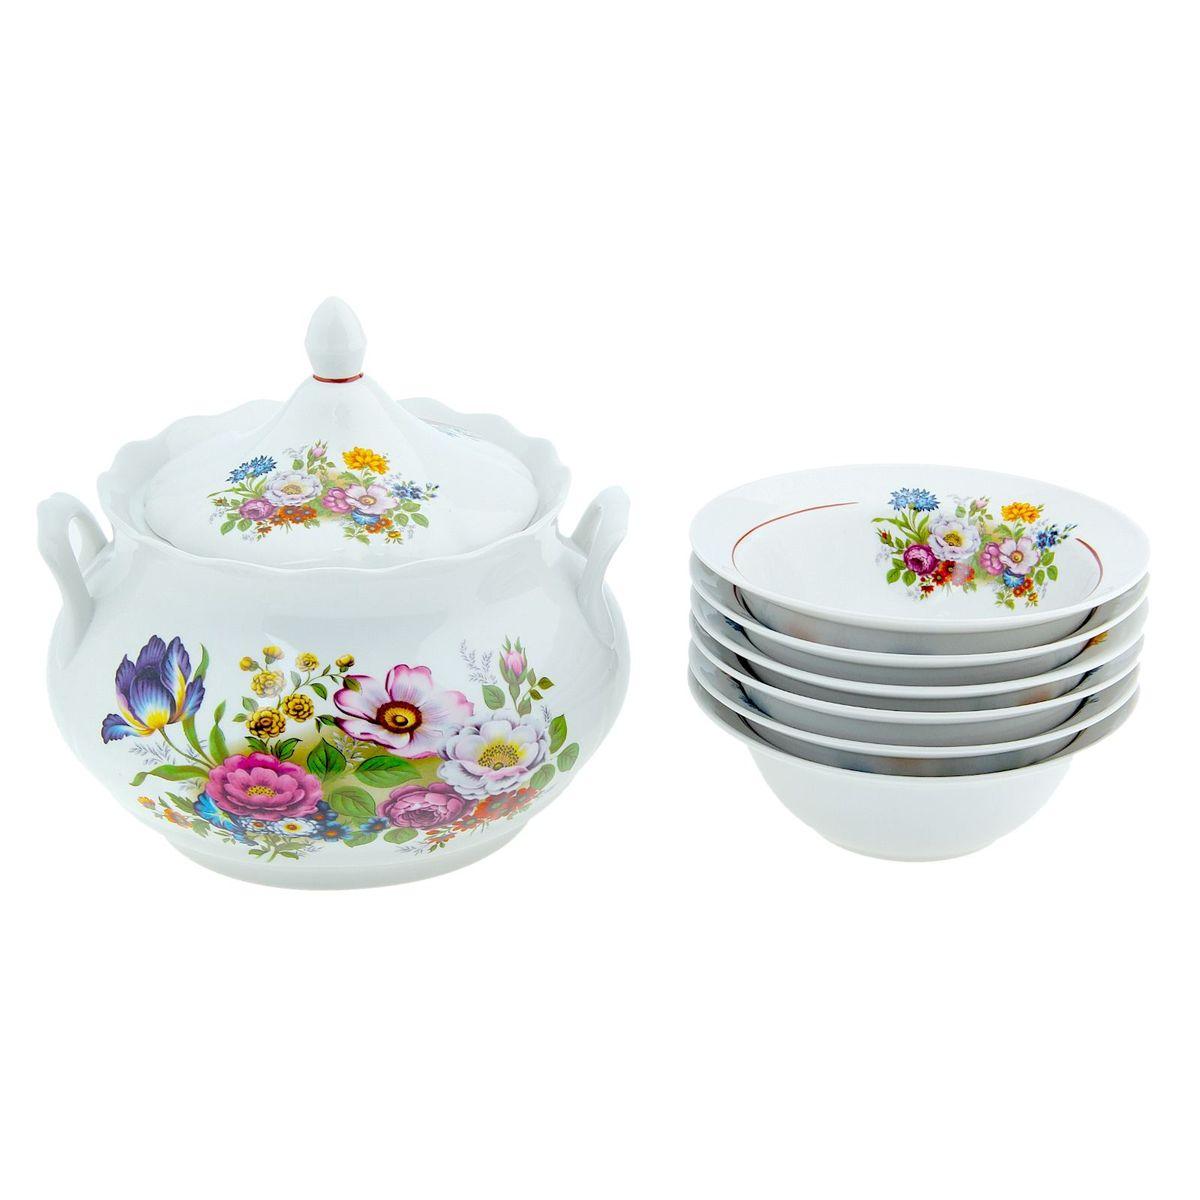 Набор для пельменей Романс. Букет цветов, 7 предметов507872ваза для супа 3 л, 1 шт.; миска d=17,5 см, 6 шт.